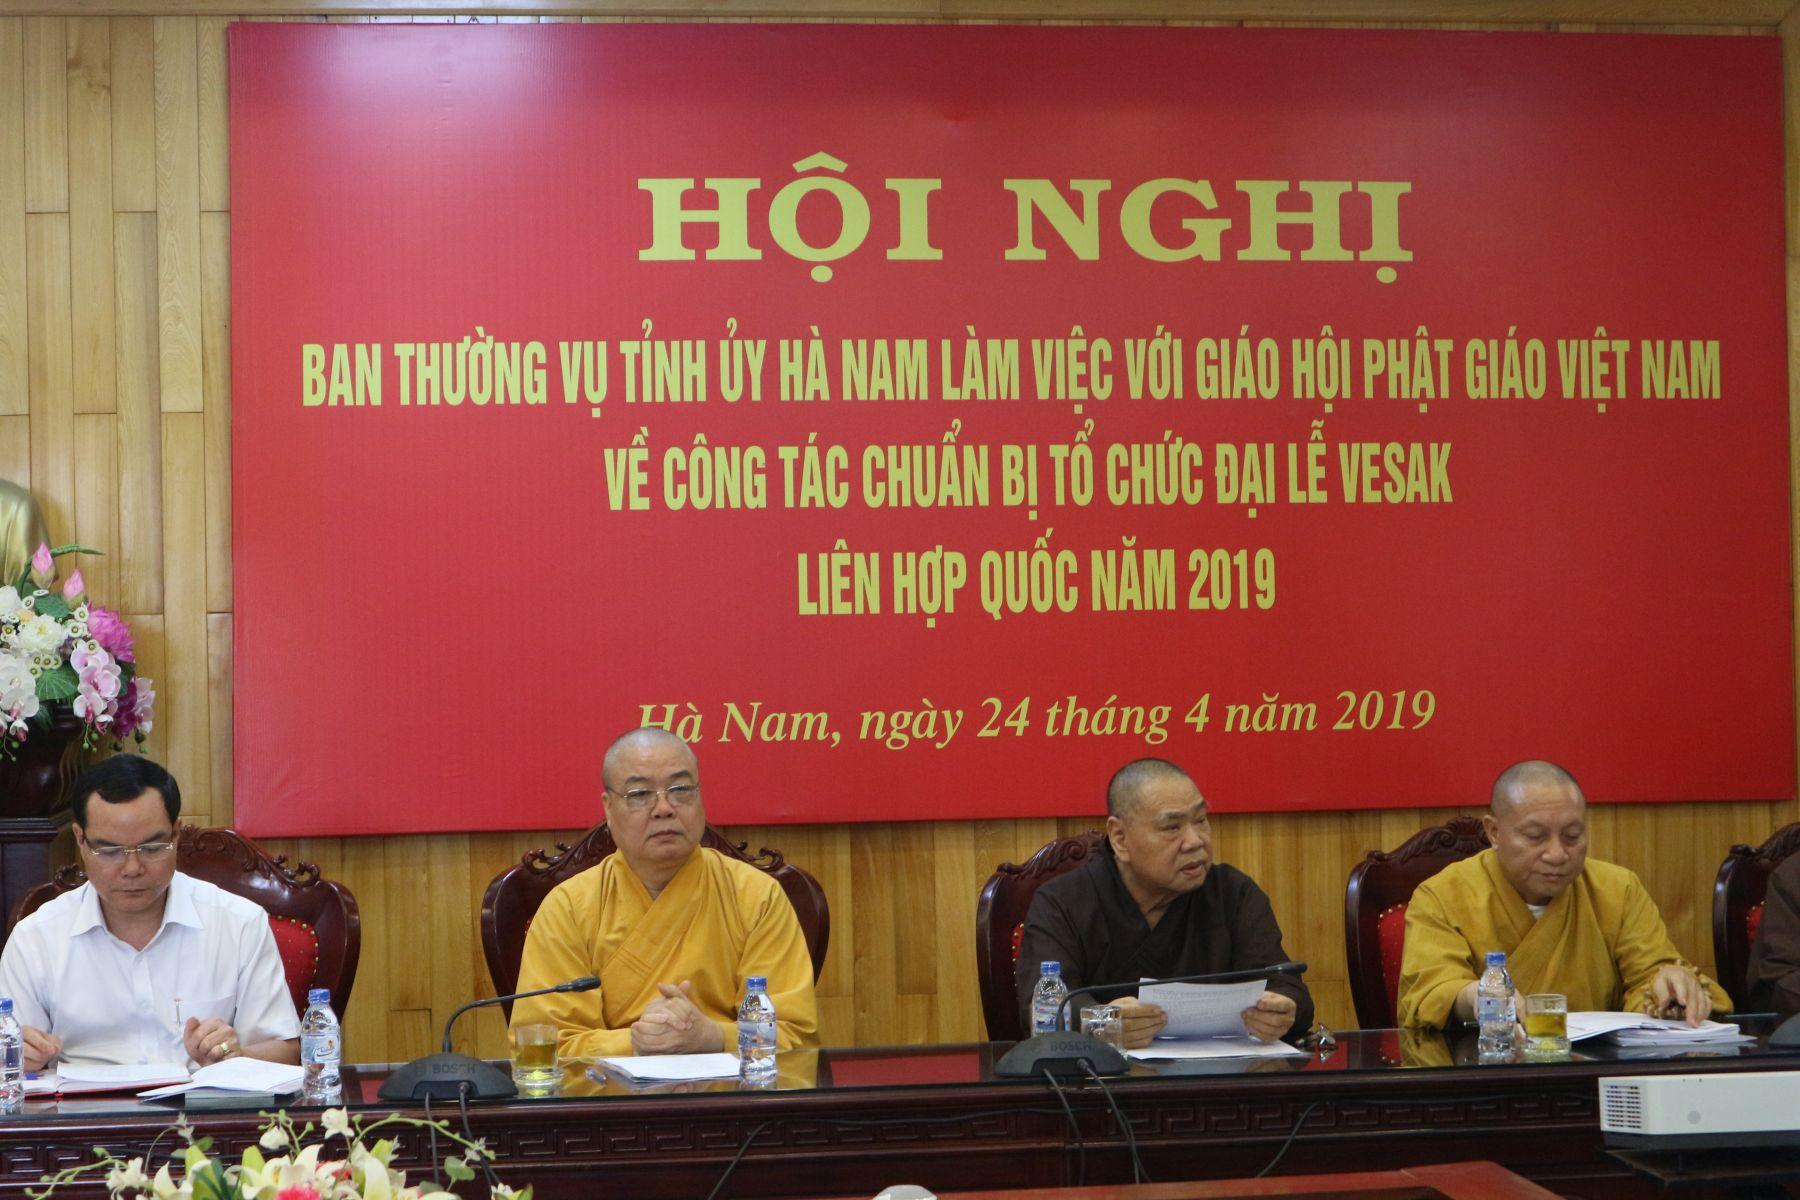 Hà Nam: Ban Thường vụ Tỉnh ủy Hà Nam và Ủy ban Tổ chức Quốc gia Vesak  rà soát công tác chuẩn bị tổ chức Đại lễ Phật đản Liên Hiệp Quốc 2019